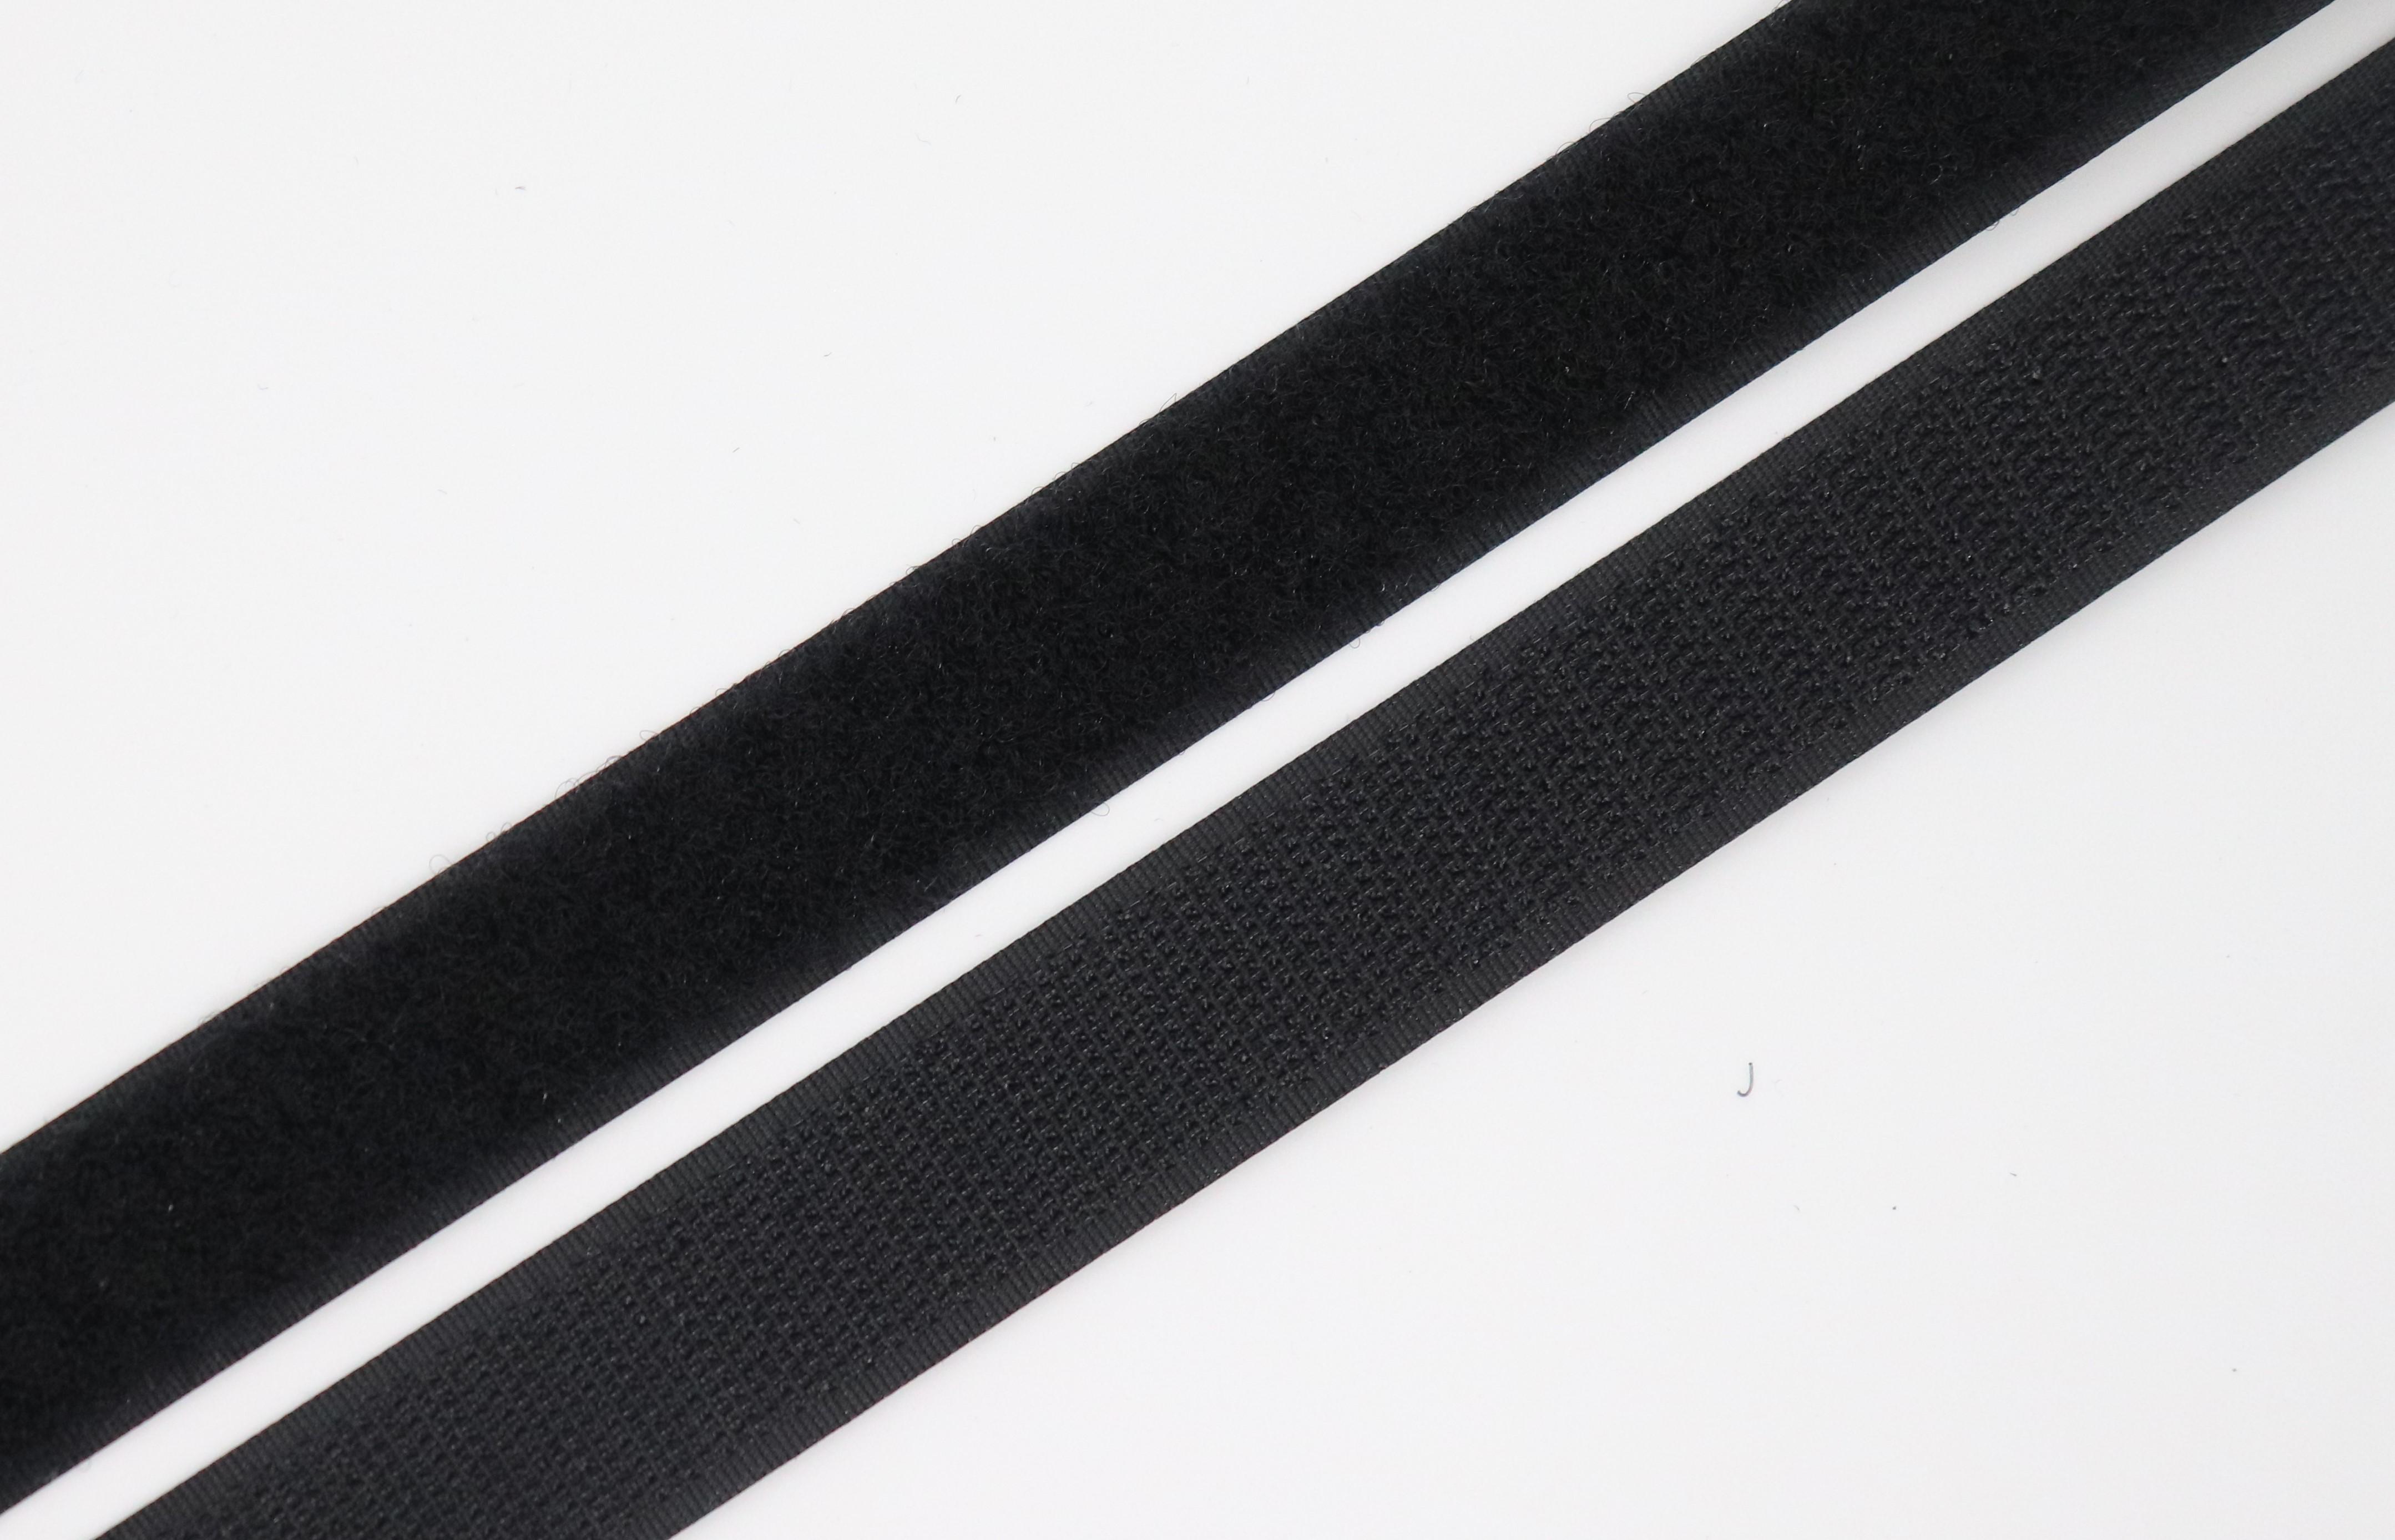 Suchý zip háèek + plyš 20 mm - zvìtšit obrázek